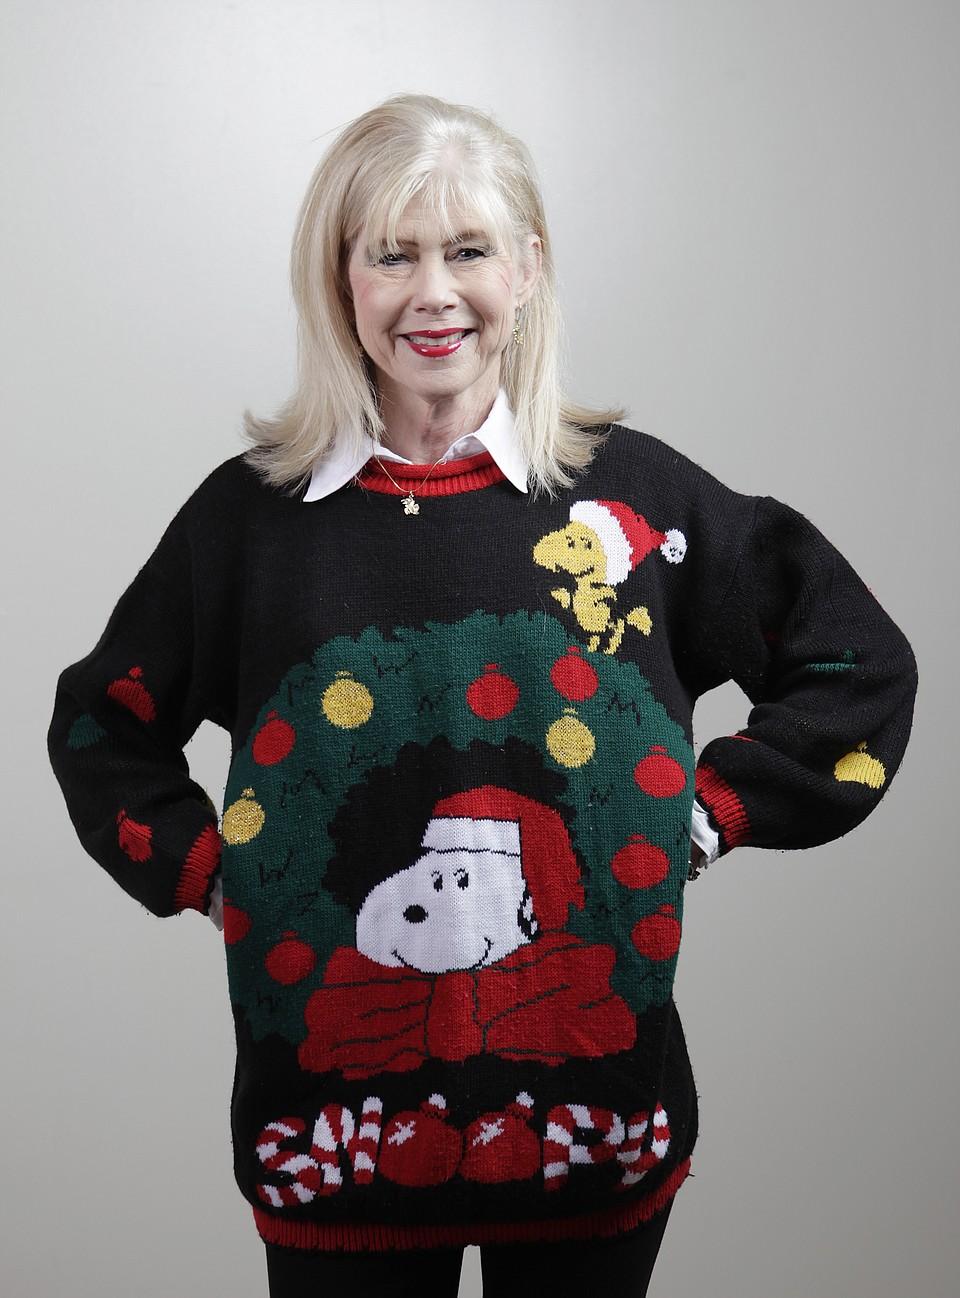 KU attempts holiday sweater world record   KUsports.com